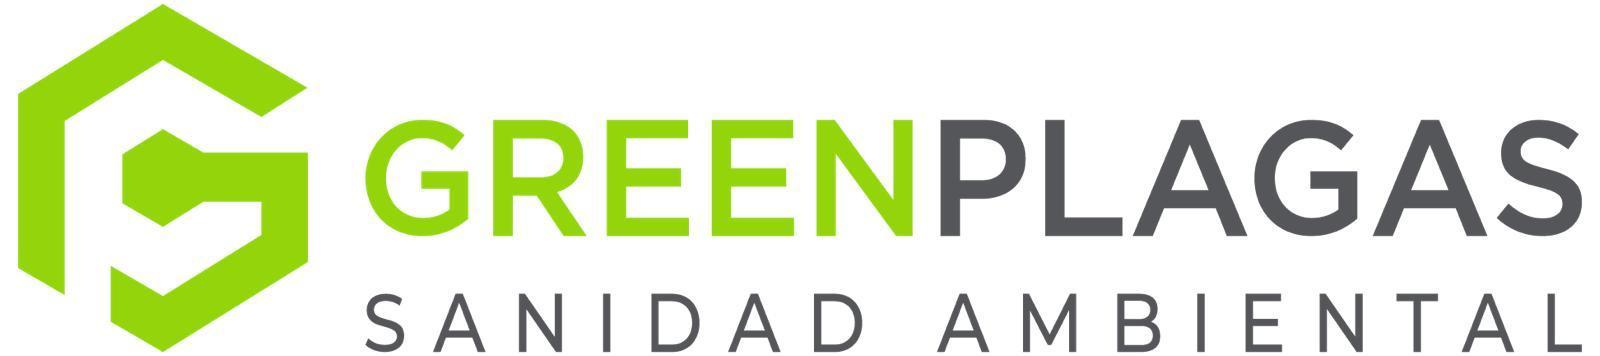 Greenplagas s.l.u